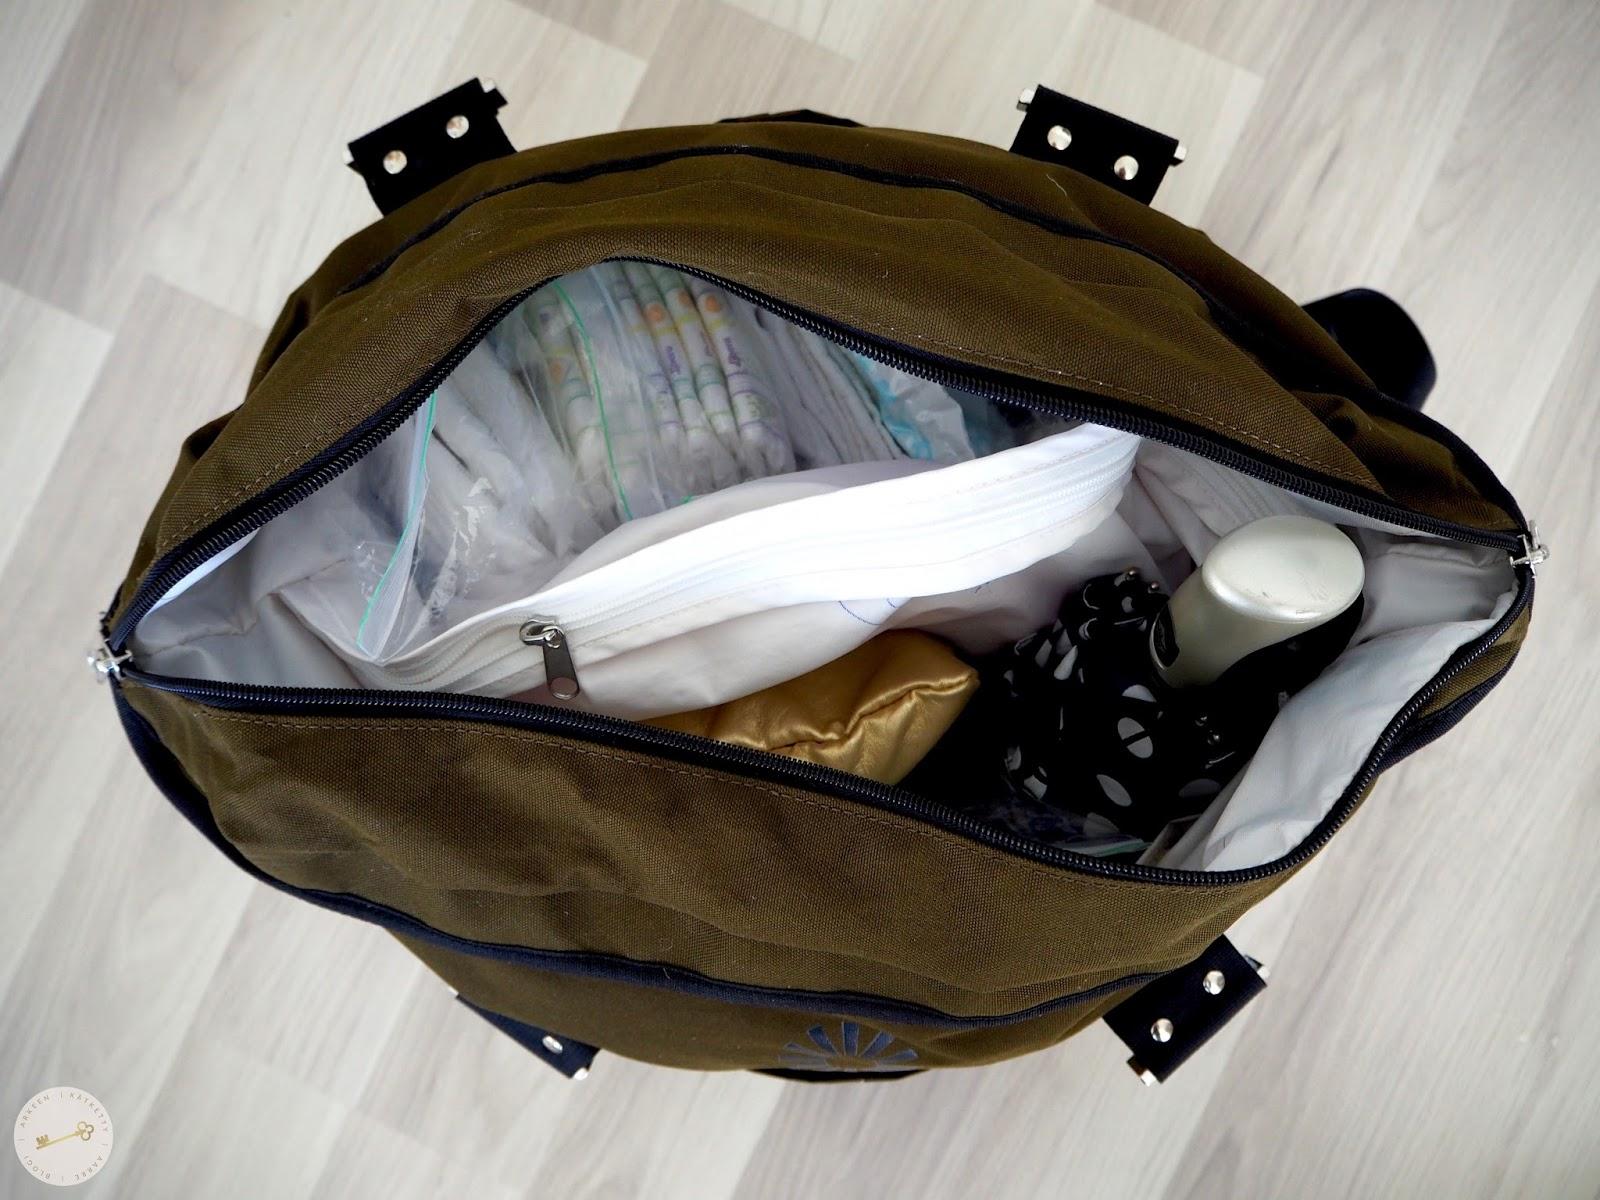 Hoitolaukku: Mitä sinne kannattaa pakata?